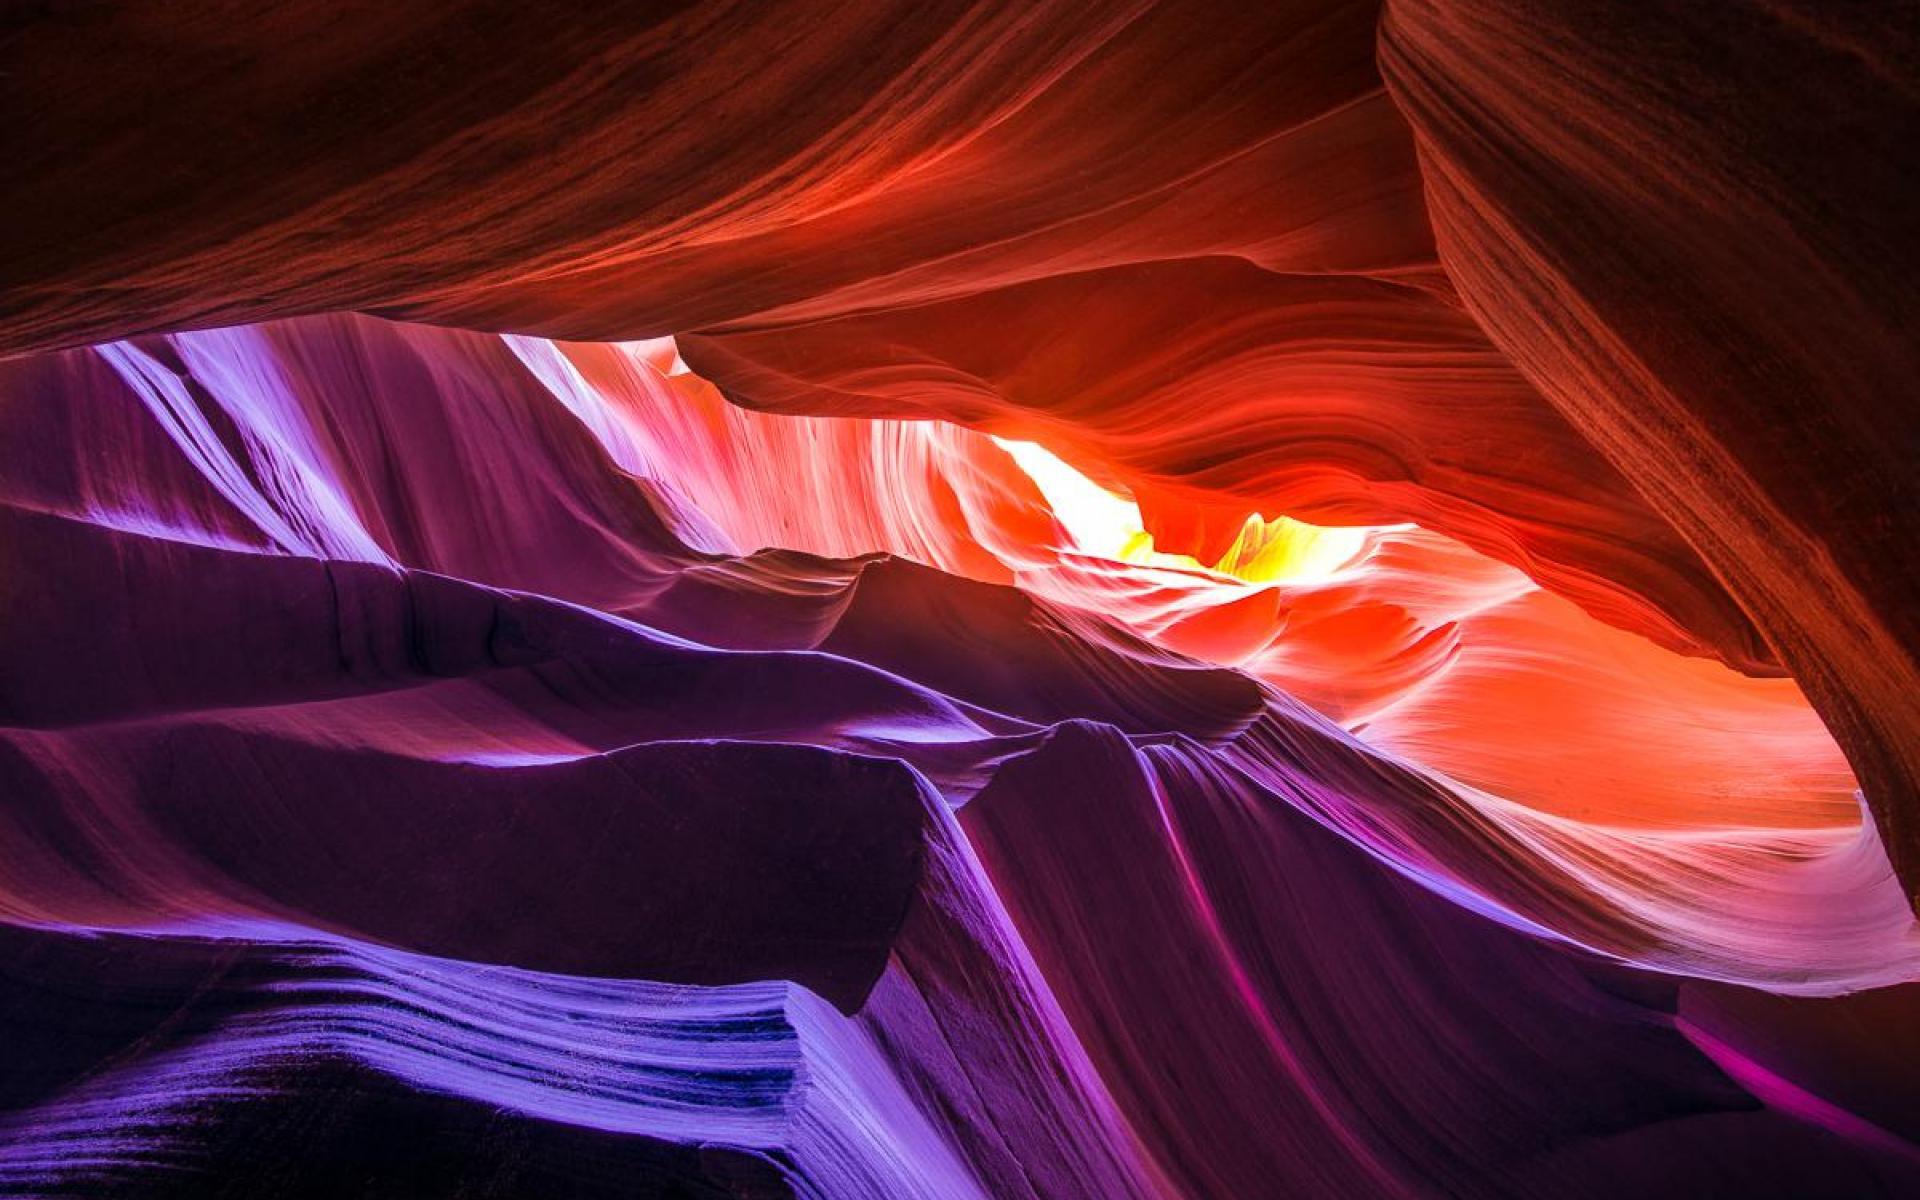 1200x1600 Wallpaper Hd: Antelope Canyon Wallpaper